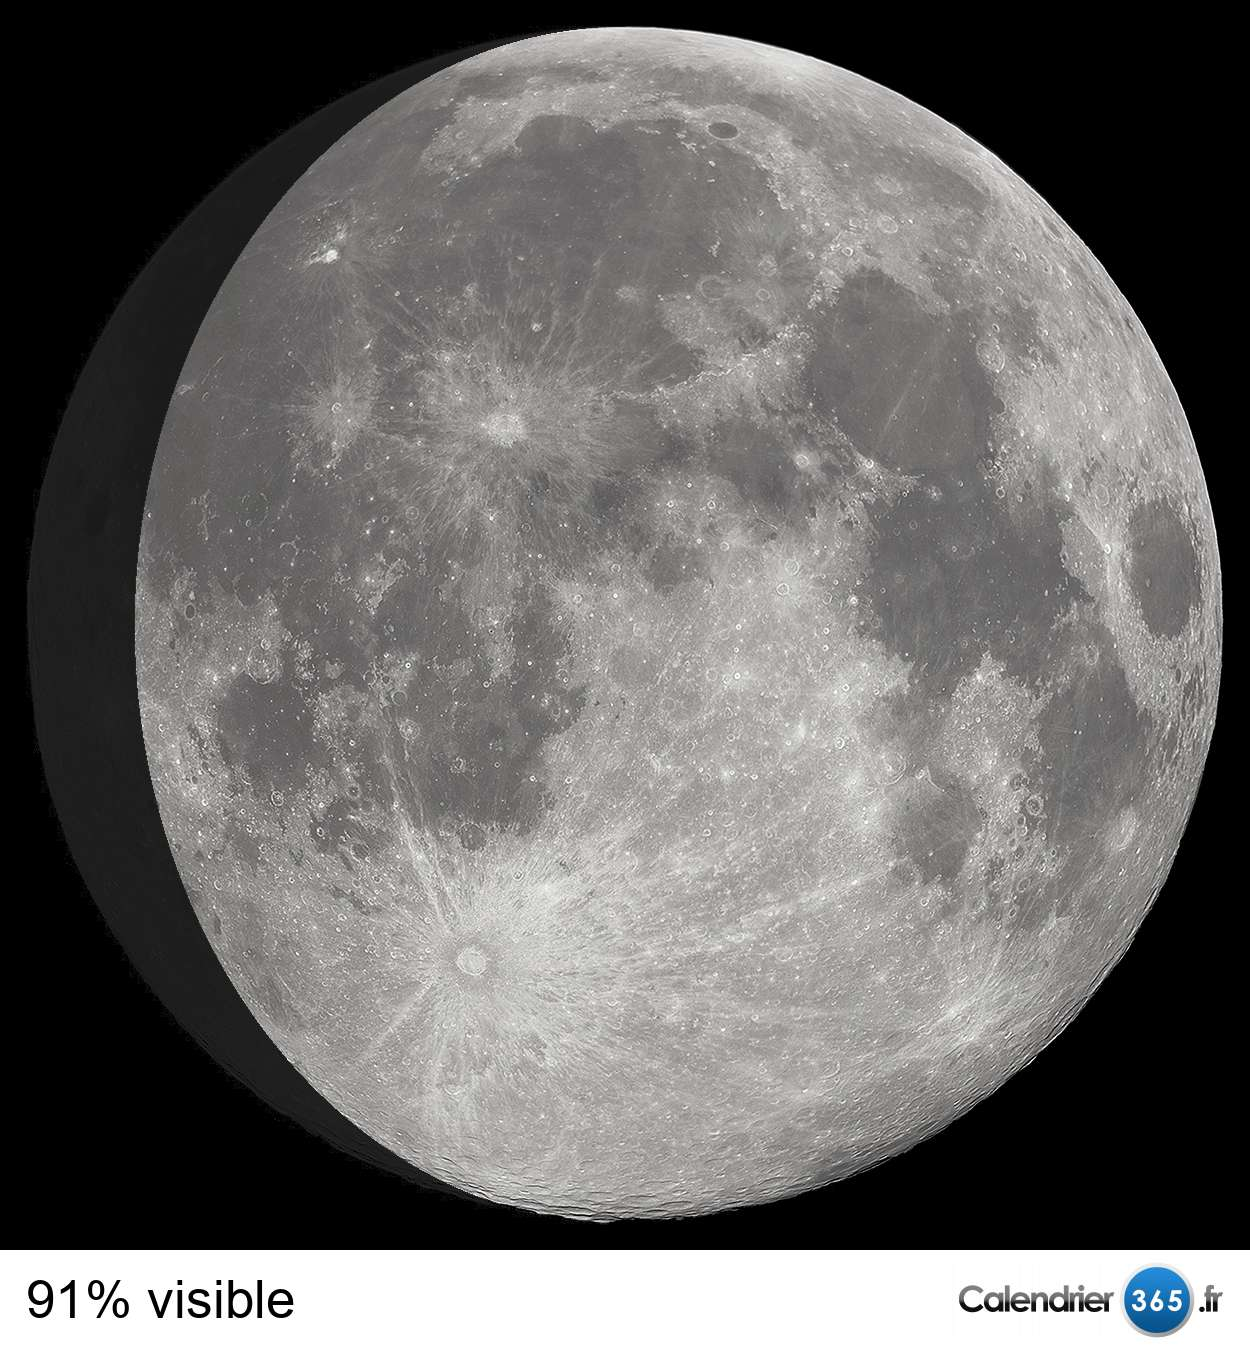 pleine lune sur calendrier noire ou blanche